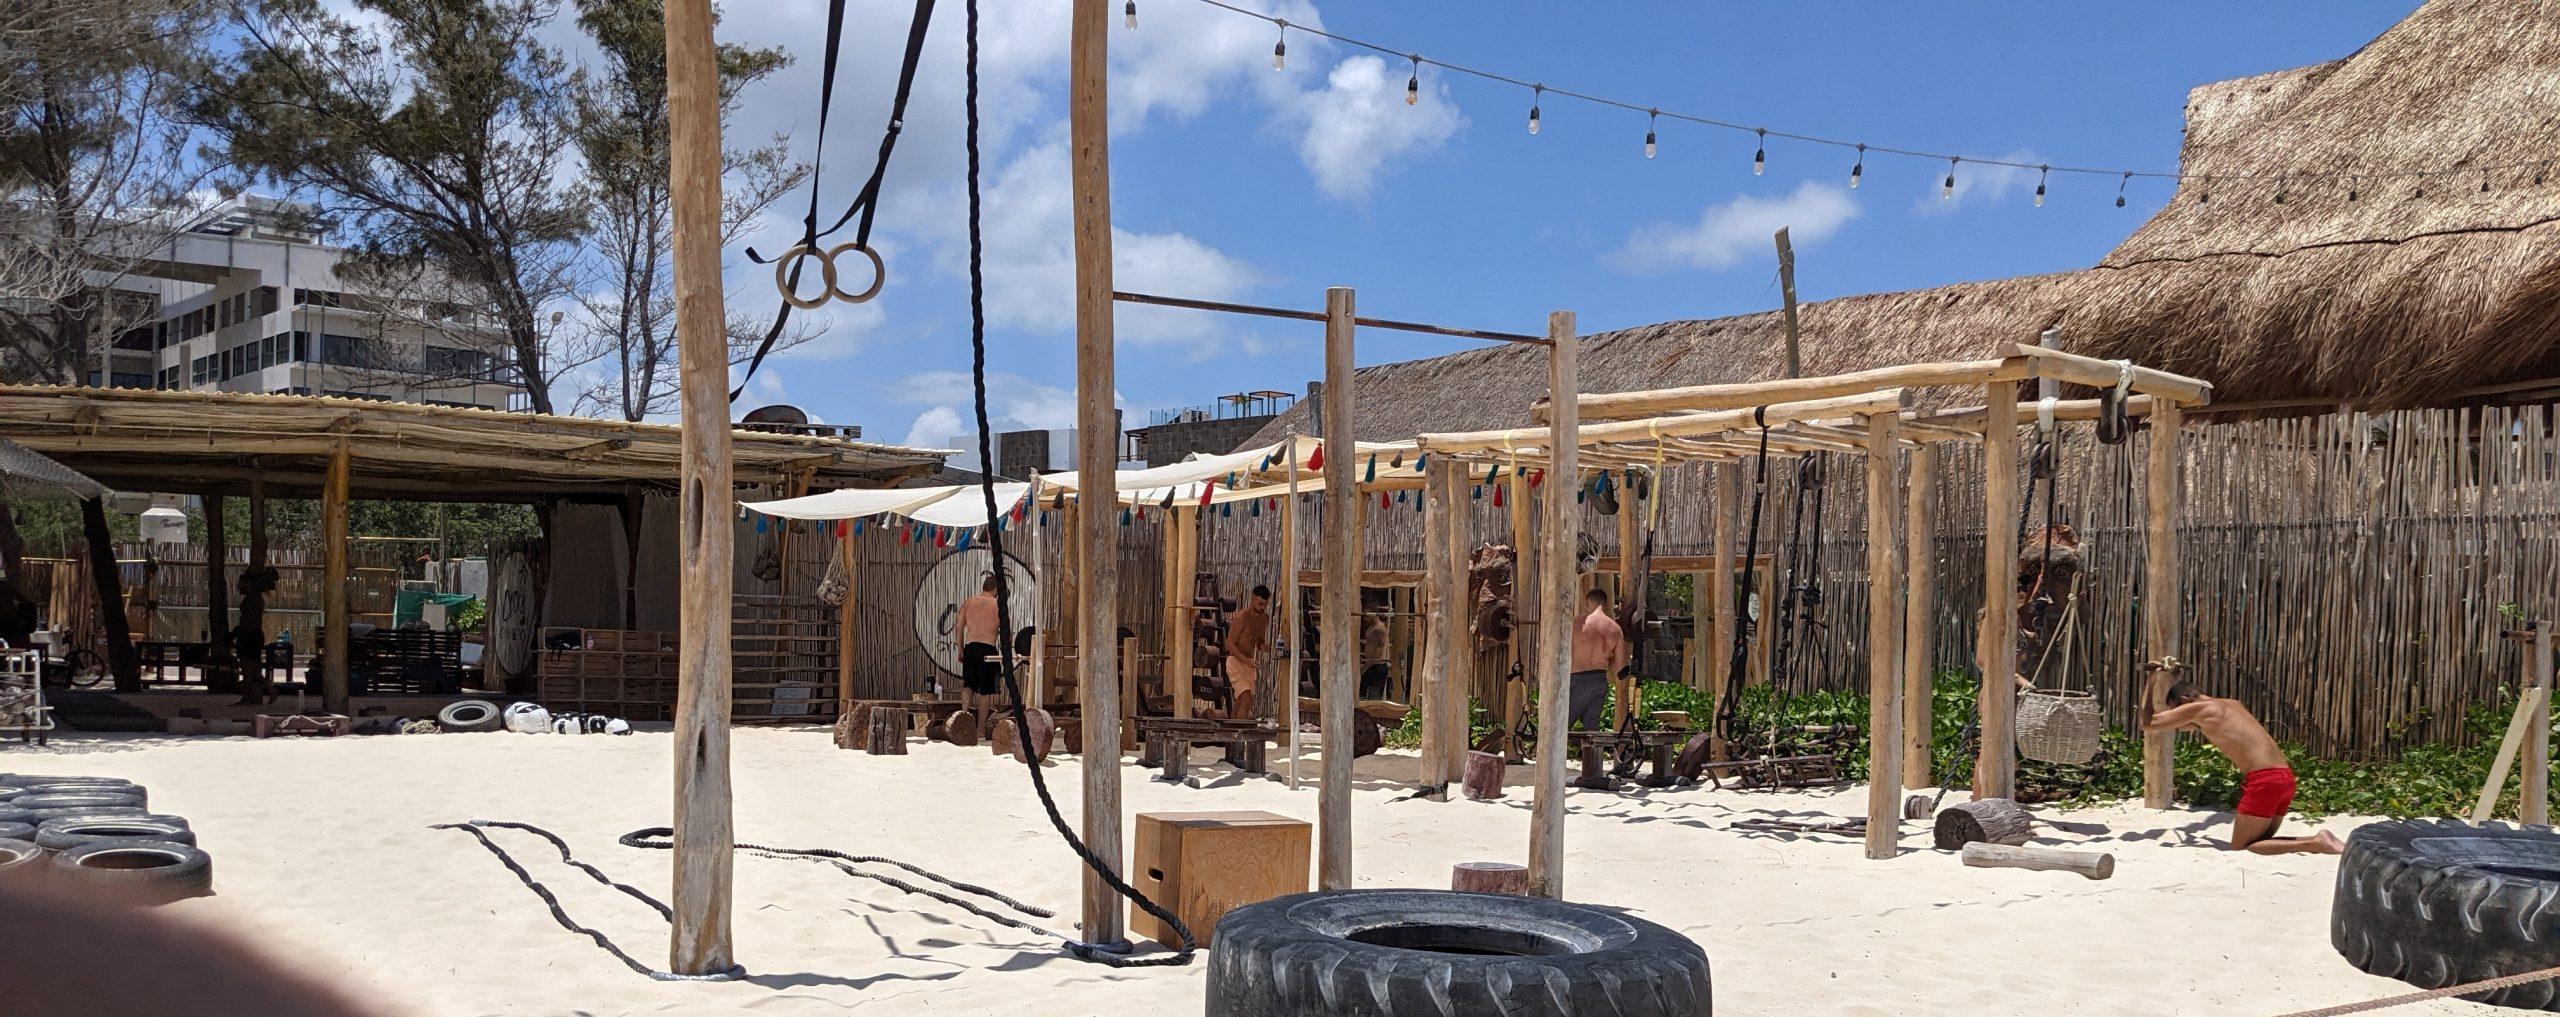 coco beach gym playa del carmen